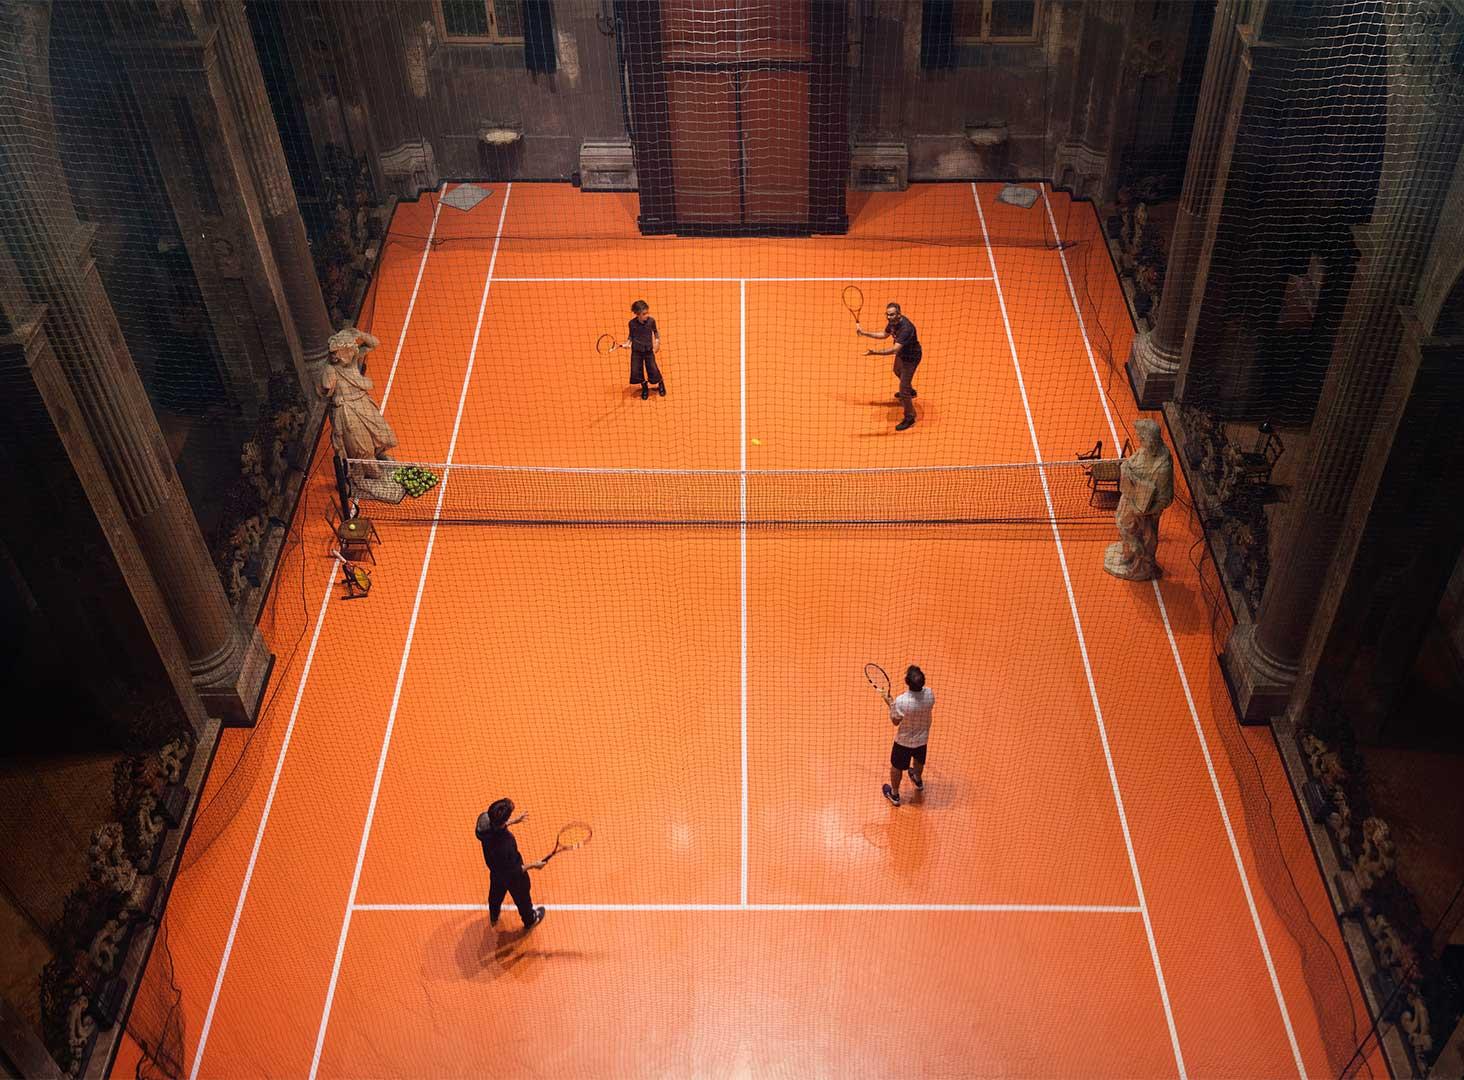 تنیس در کلیسا